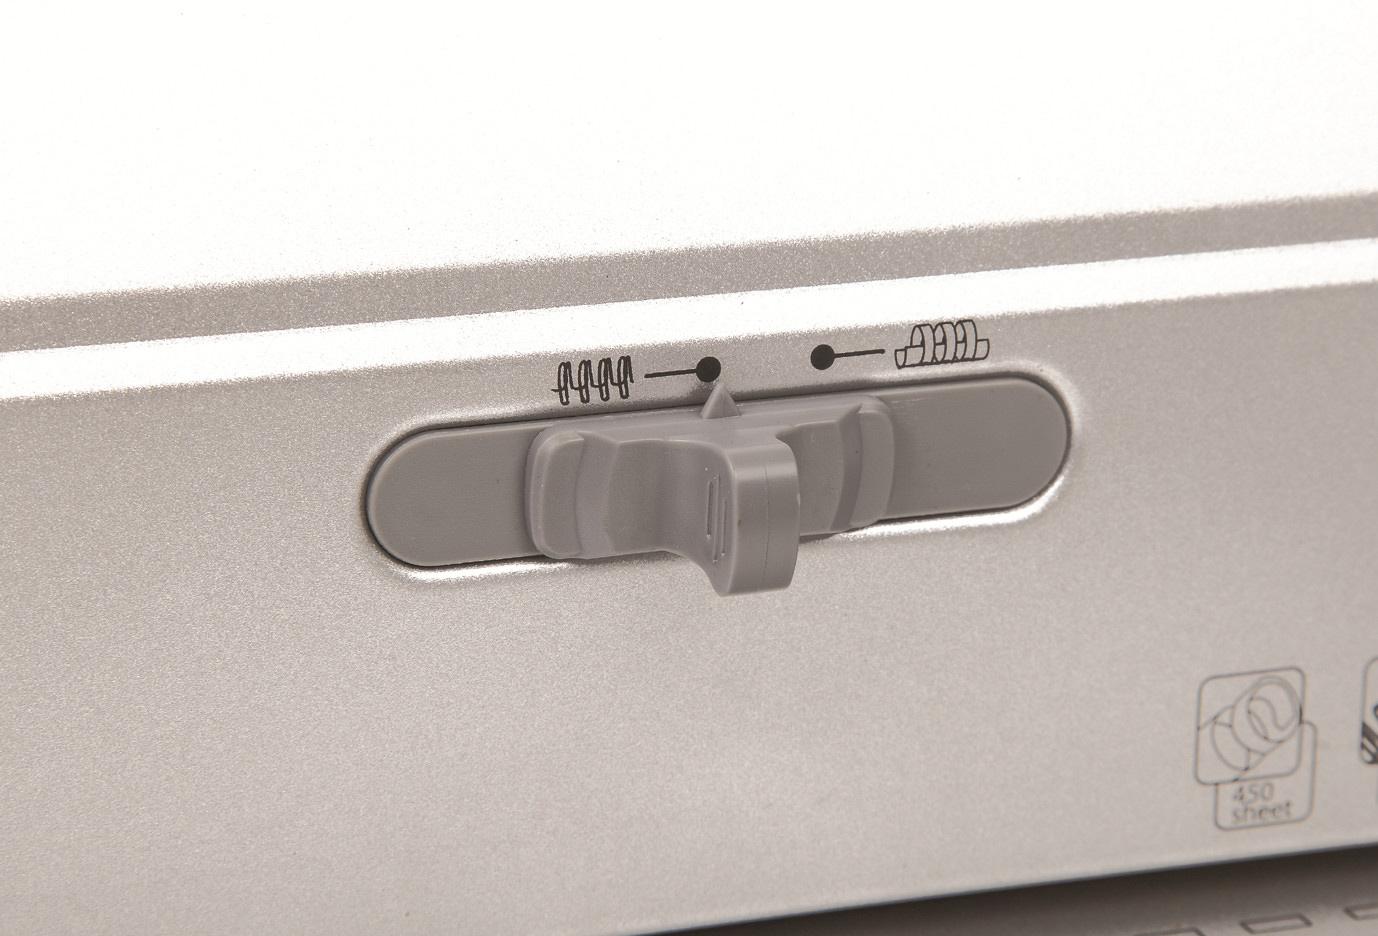 Переплетчик для металлических и пластиковых пружин Ibind X5, до 120/450л., дырокол 20л. D&Art - фото 6